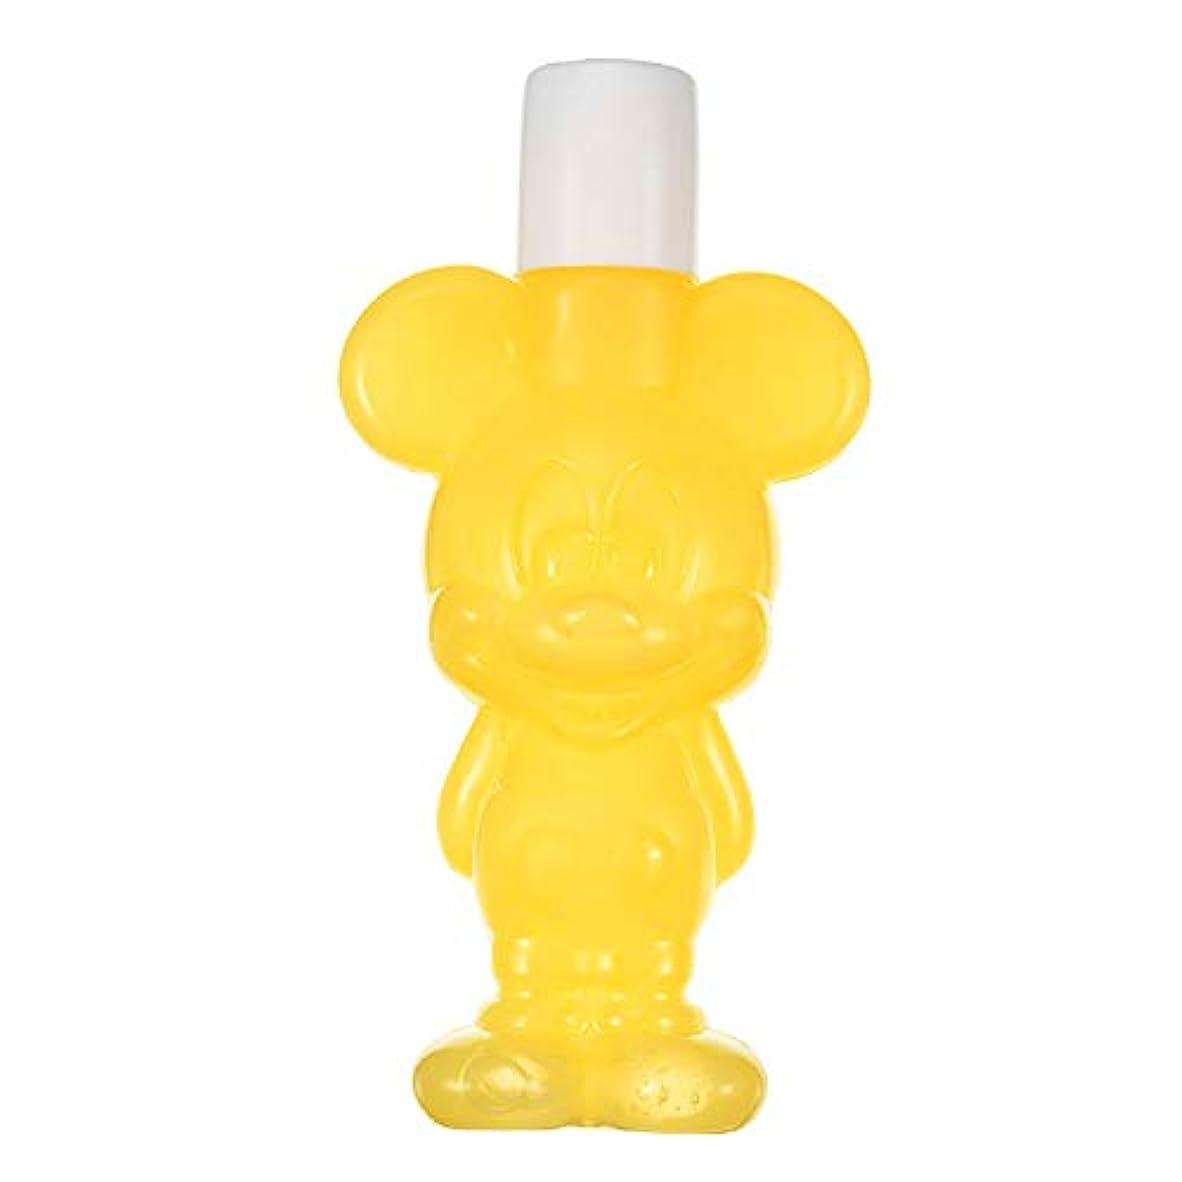 コンドームあさりシミュレートするディズニーストア(公式)保湿ジェル ミッキー イエロー Gummy Candy Cosme